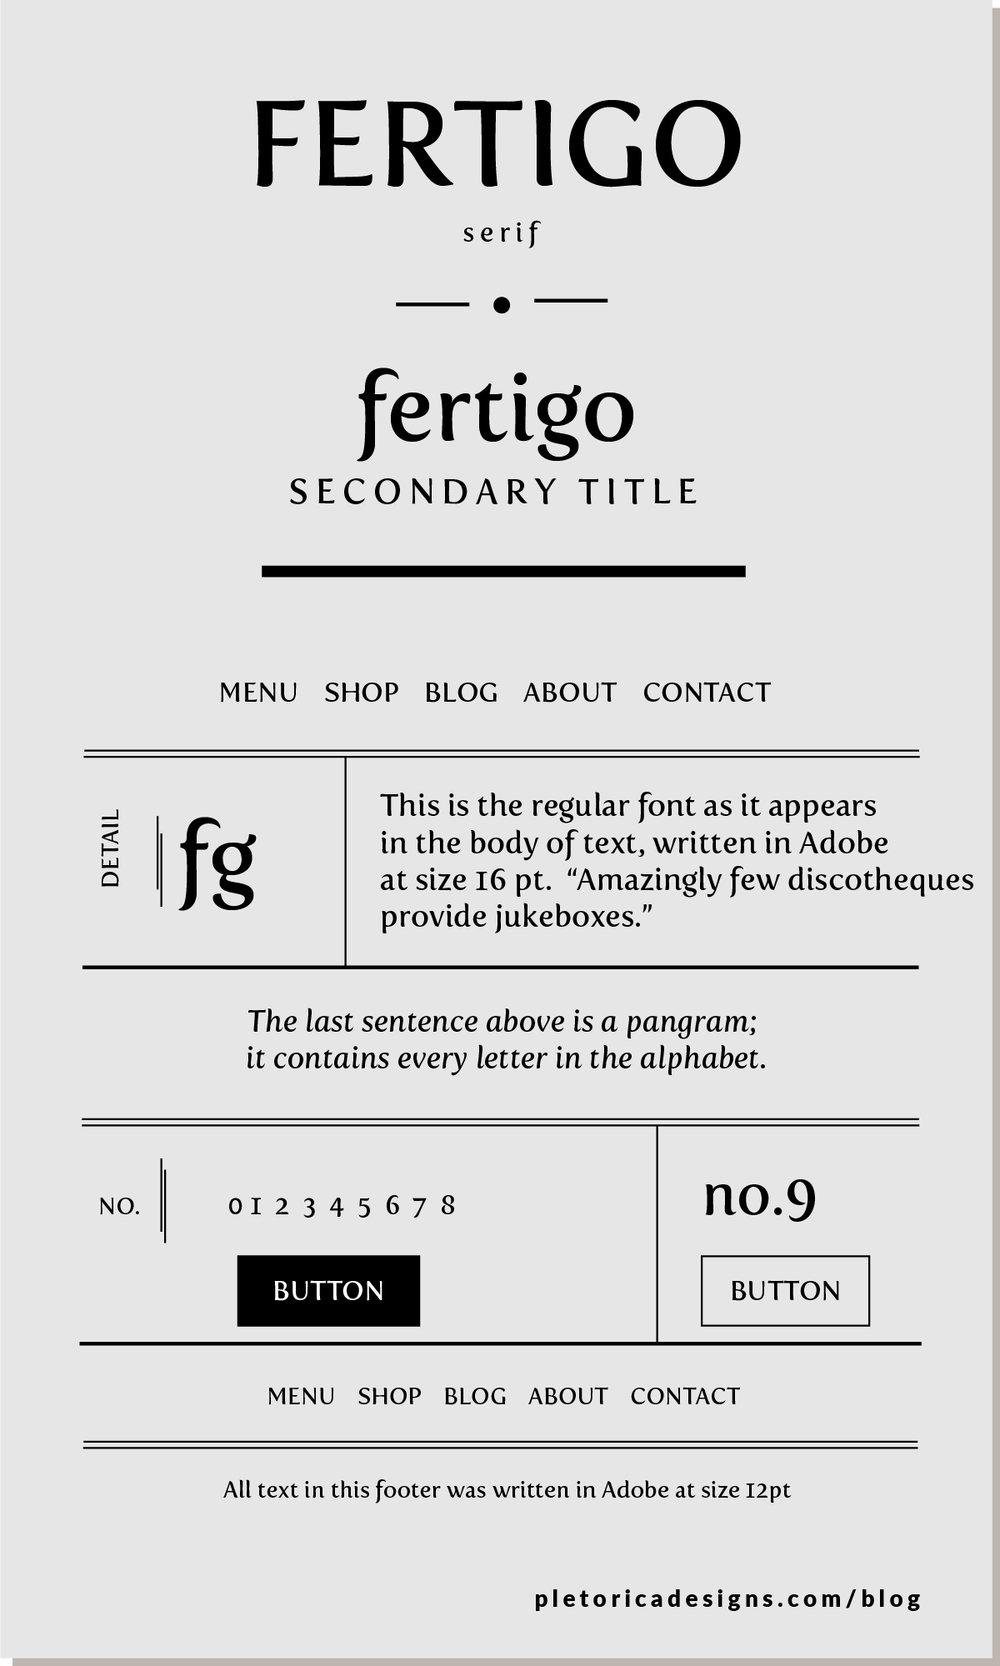 LET'S TYPE: Fertigo — PLETÓRICA DESIGNS